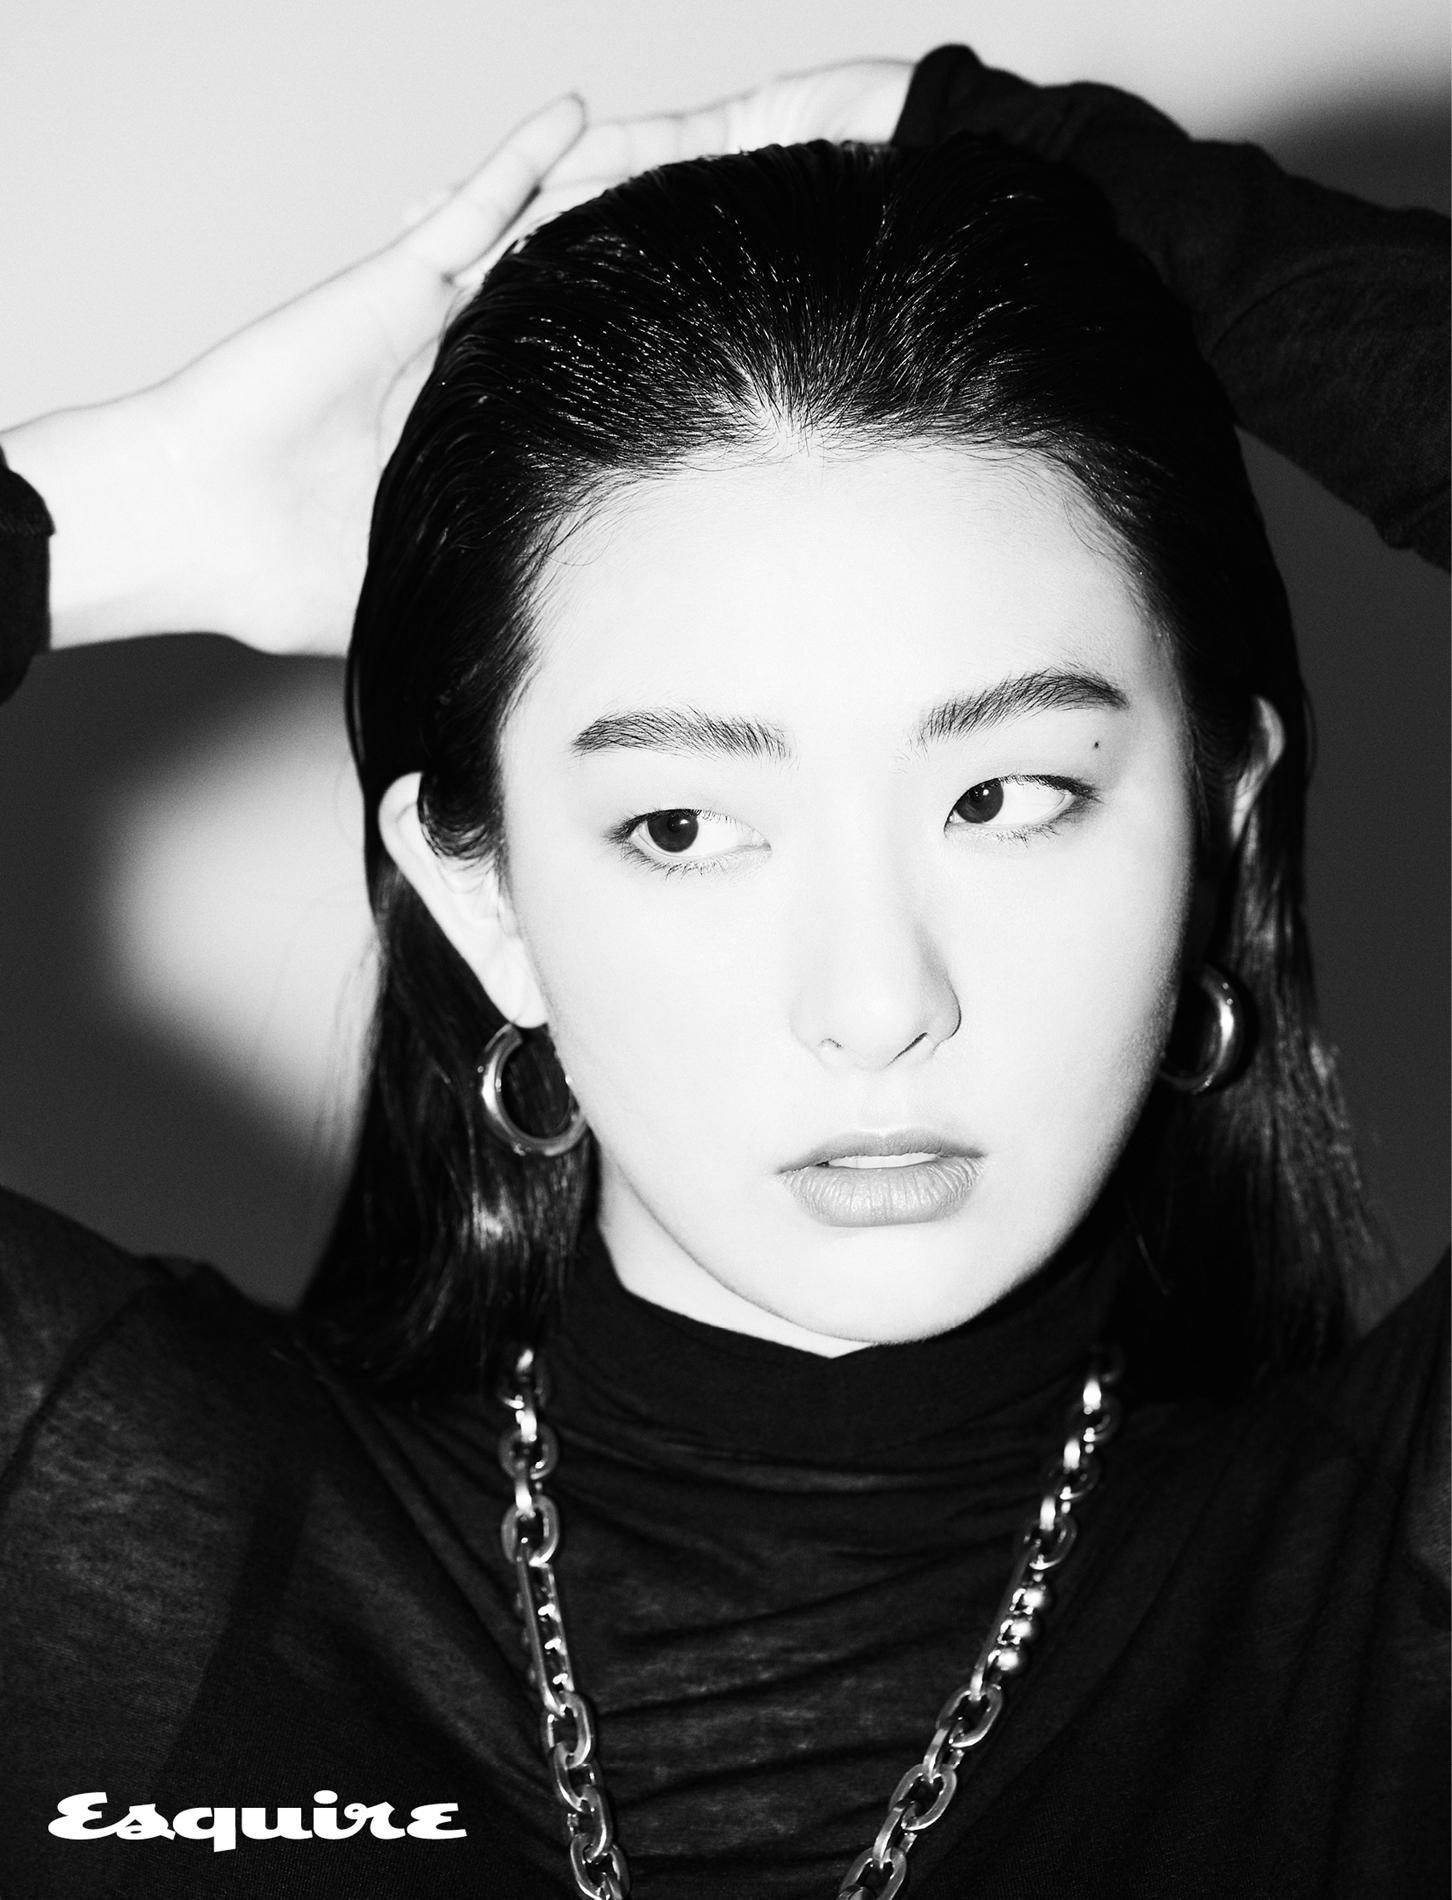 레드벨벳 슬기, 고혹적인 매력으로 분위기 압도